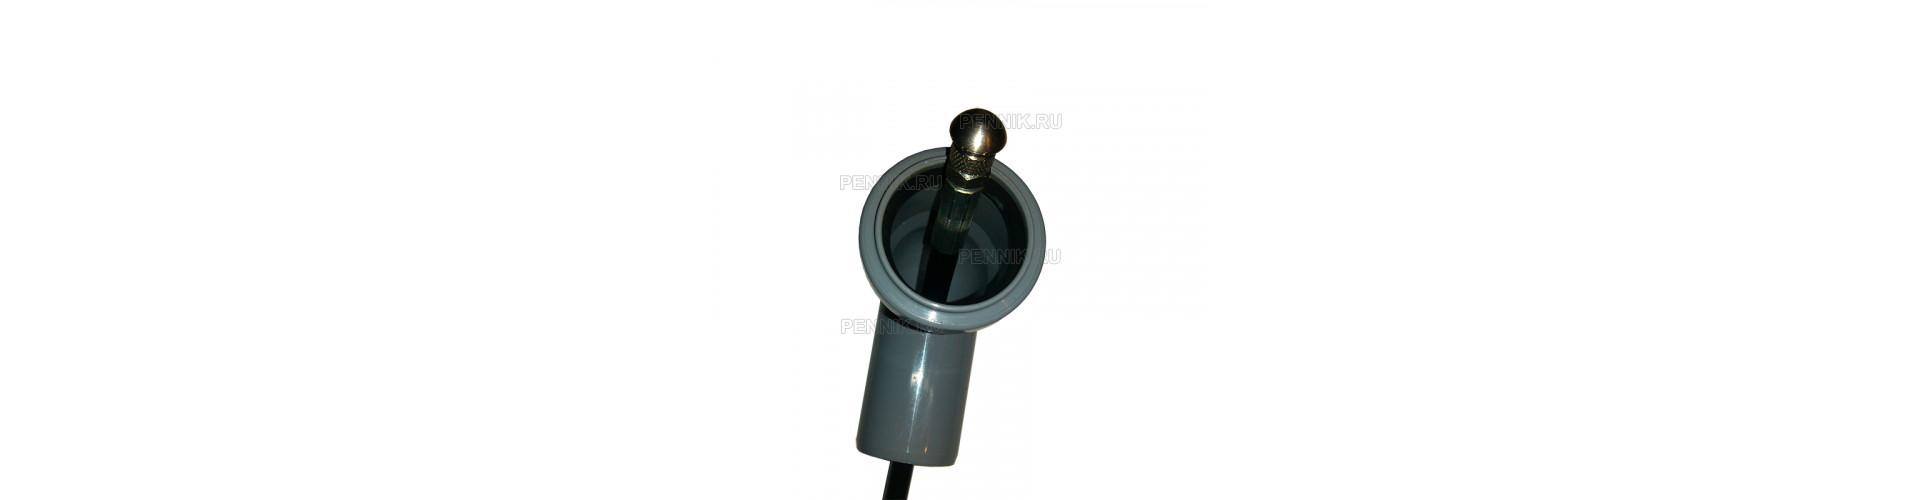 Видео шланг прочистки проходит угол 90 градусов в 40 мм трубе